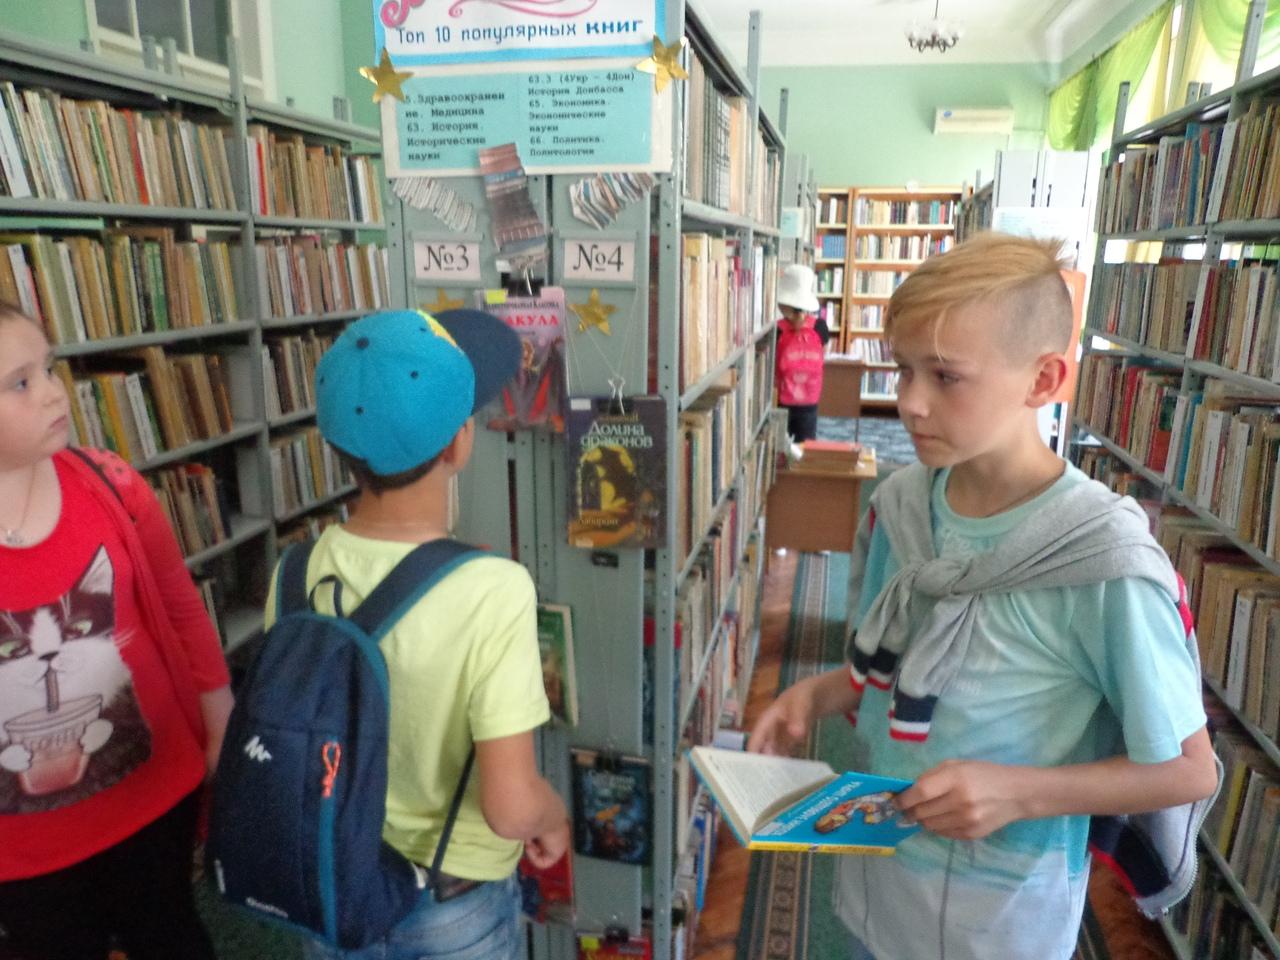 по ступенькам книжного мира, донецкая республиканская библиотека для детей, отдел обслуживания учащихся 5-9 классов, работа с пришкольными лагерями